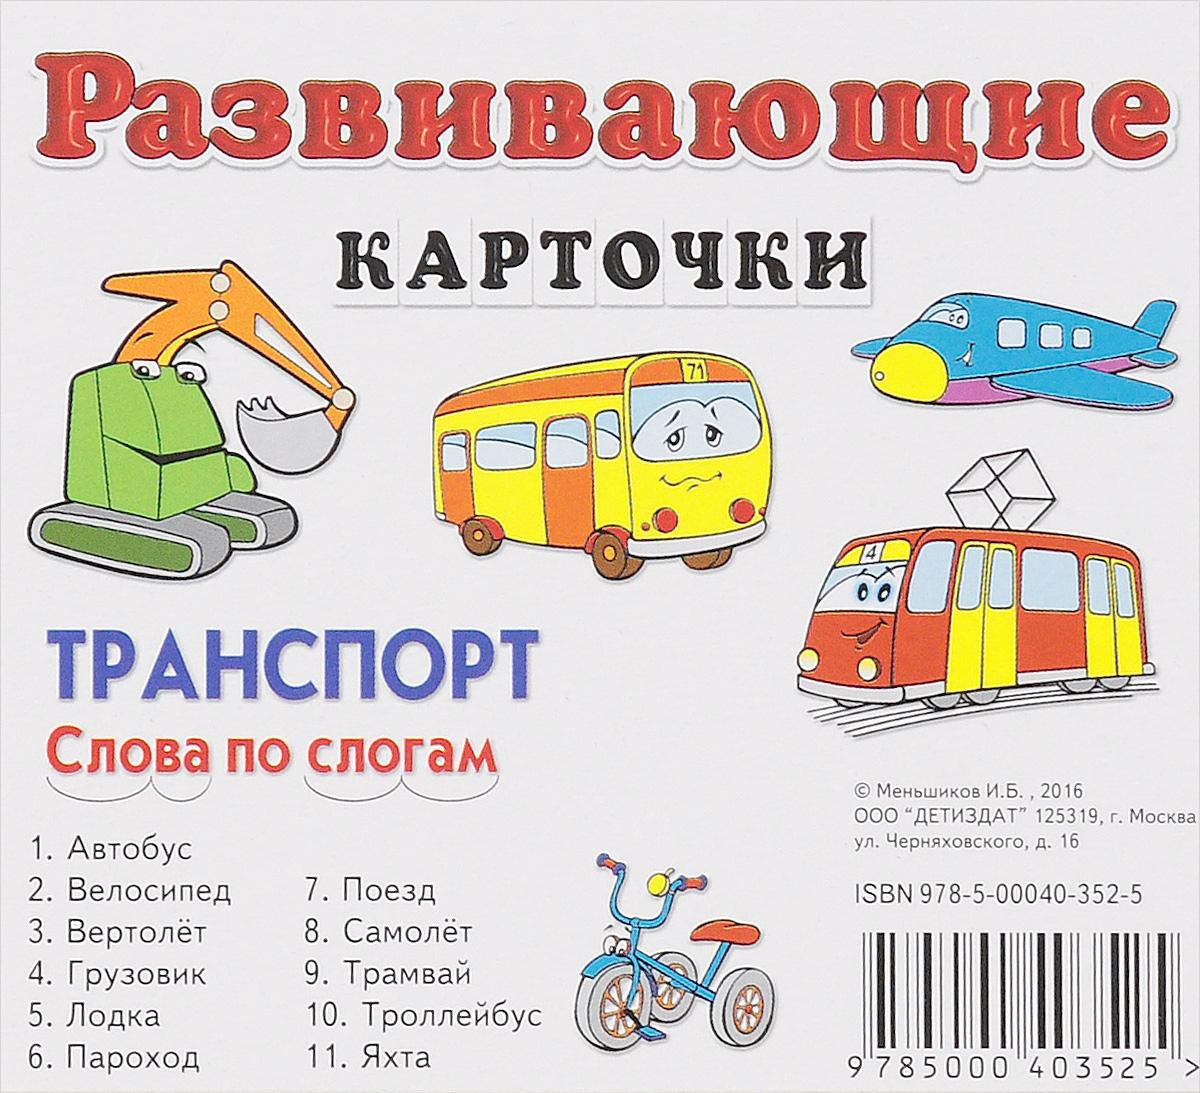 Транспорт. Слова по слогам. Развивающие карточки (набор из 11 карточек) ( 978-5-00040-352-5 )